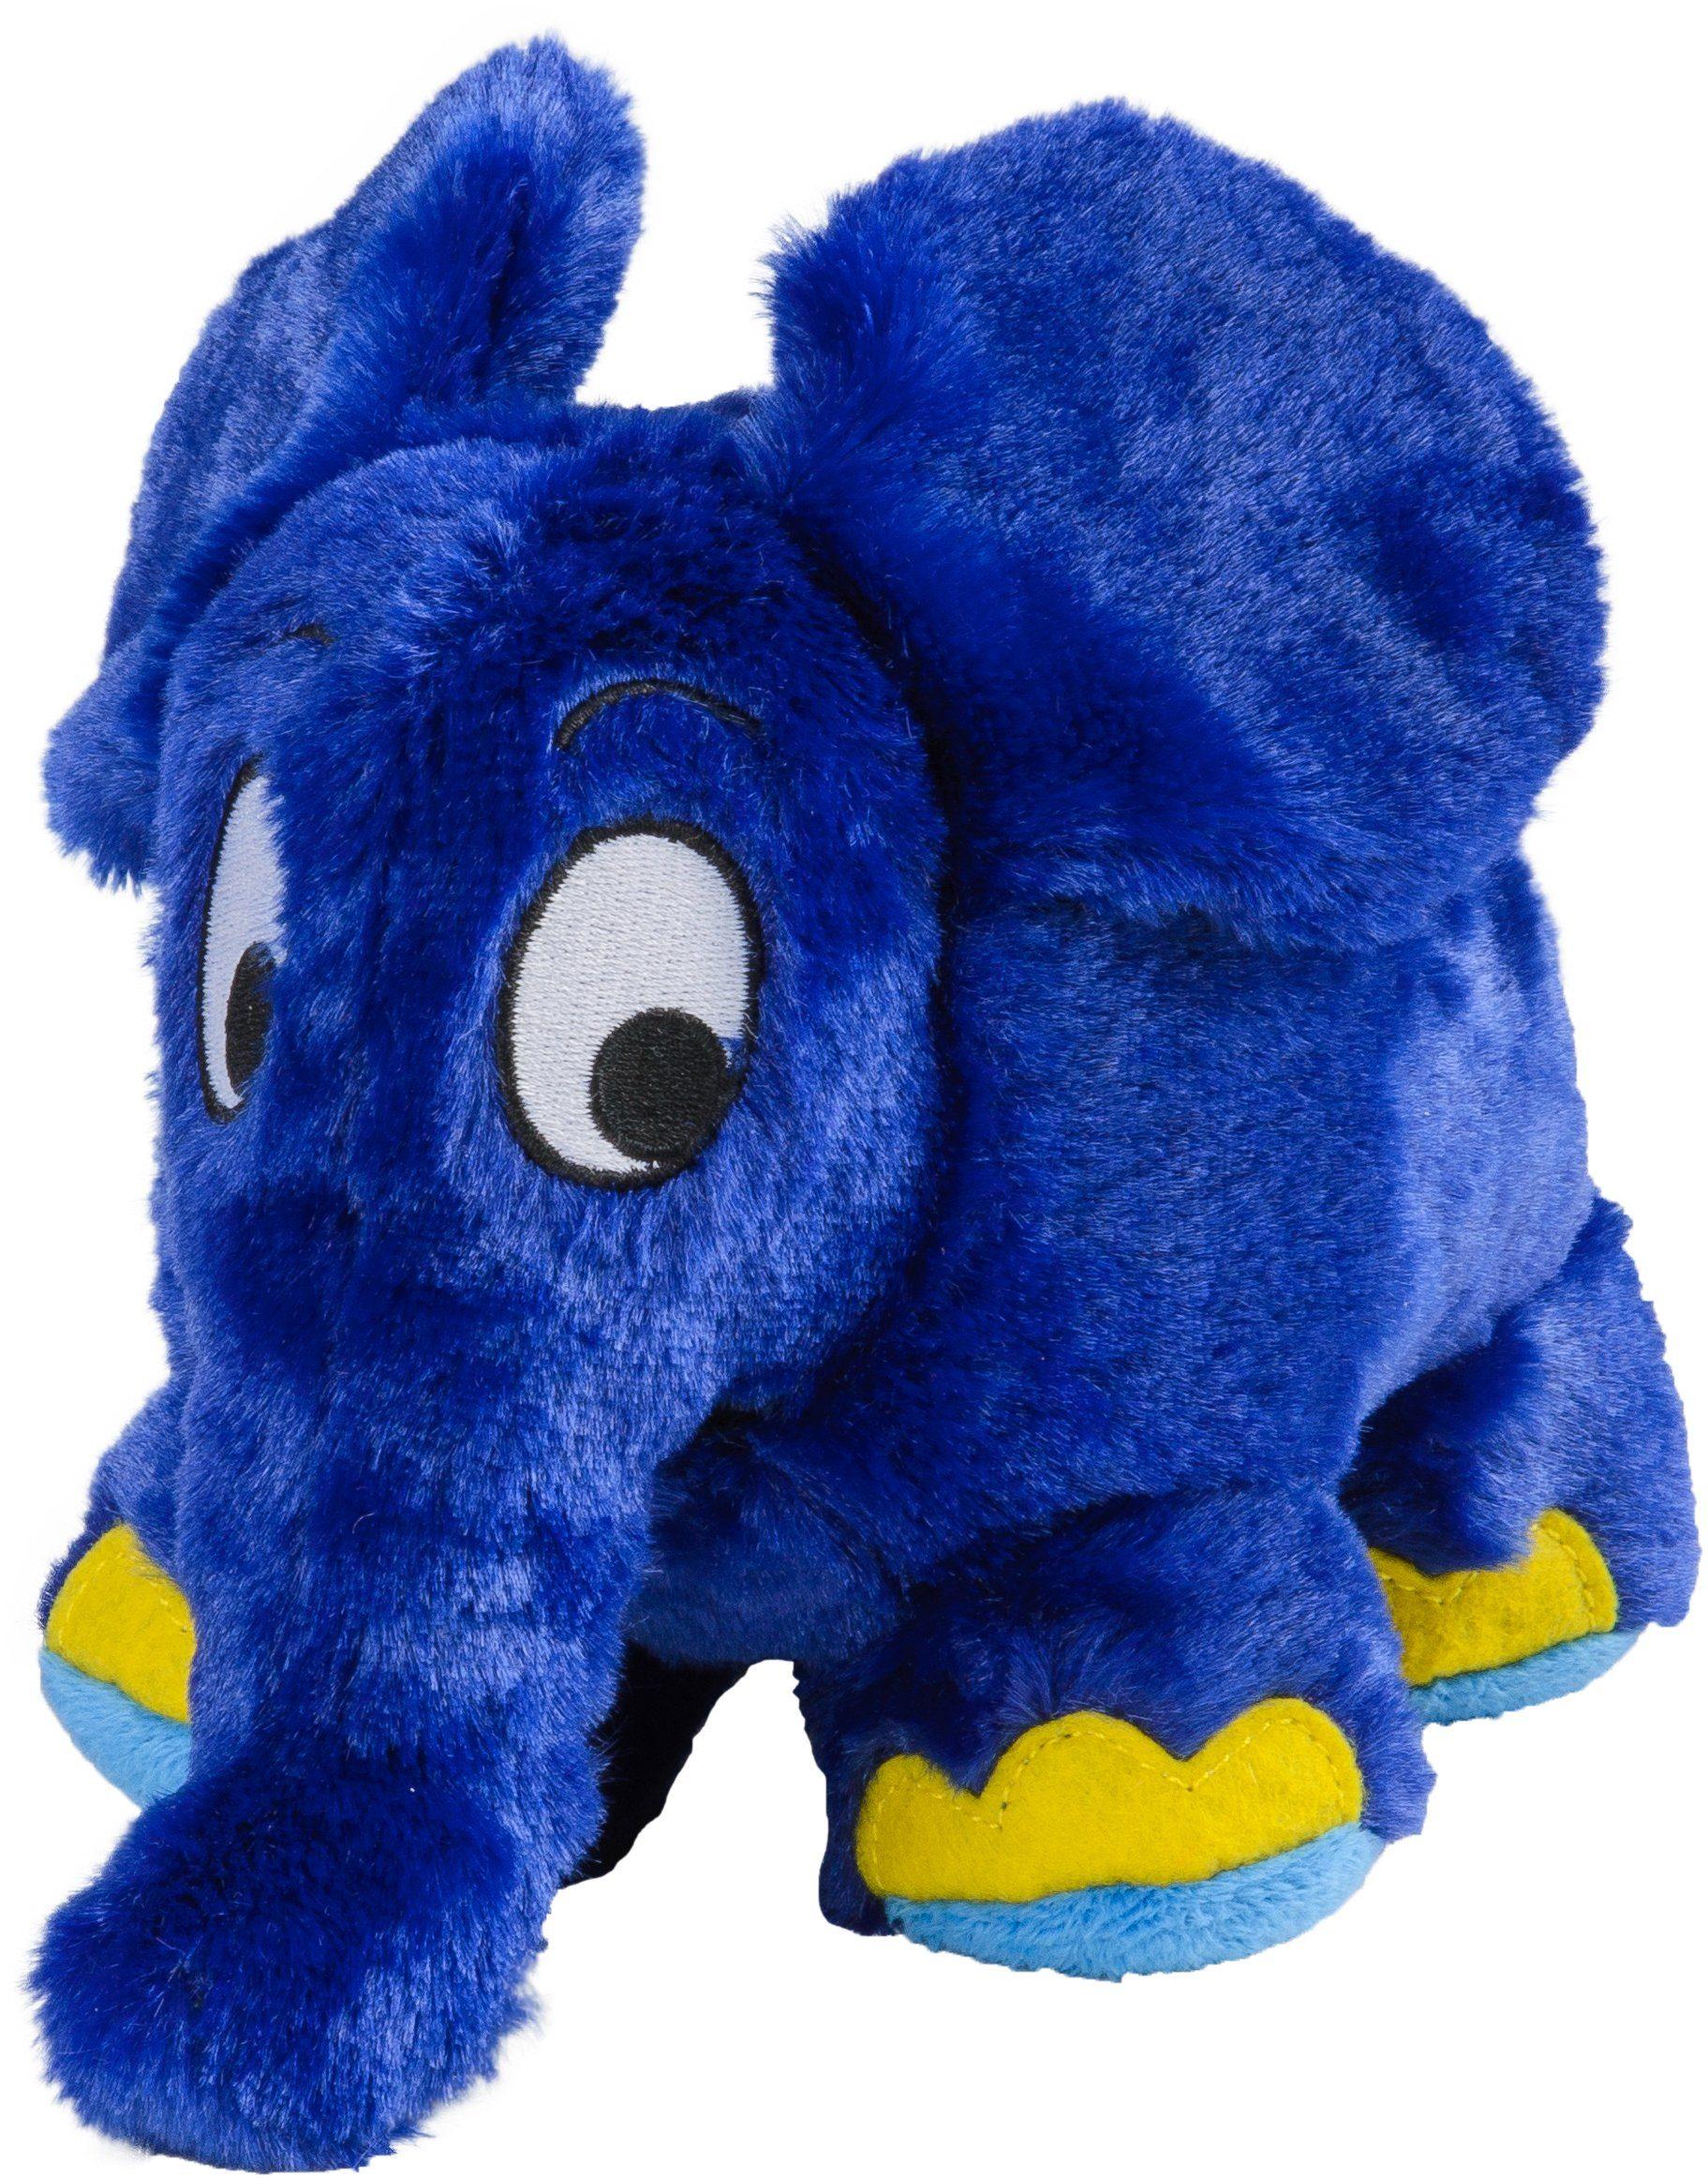 Warmies® Wärmekissen, »Der blaue Elefant aus der Sendung mit der Maus«